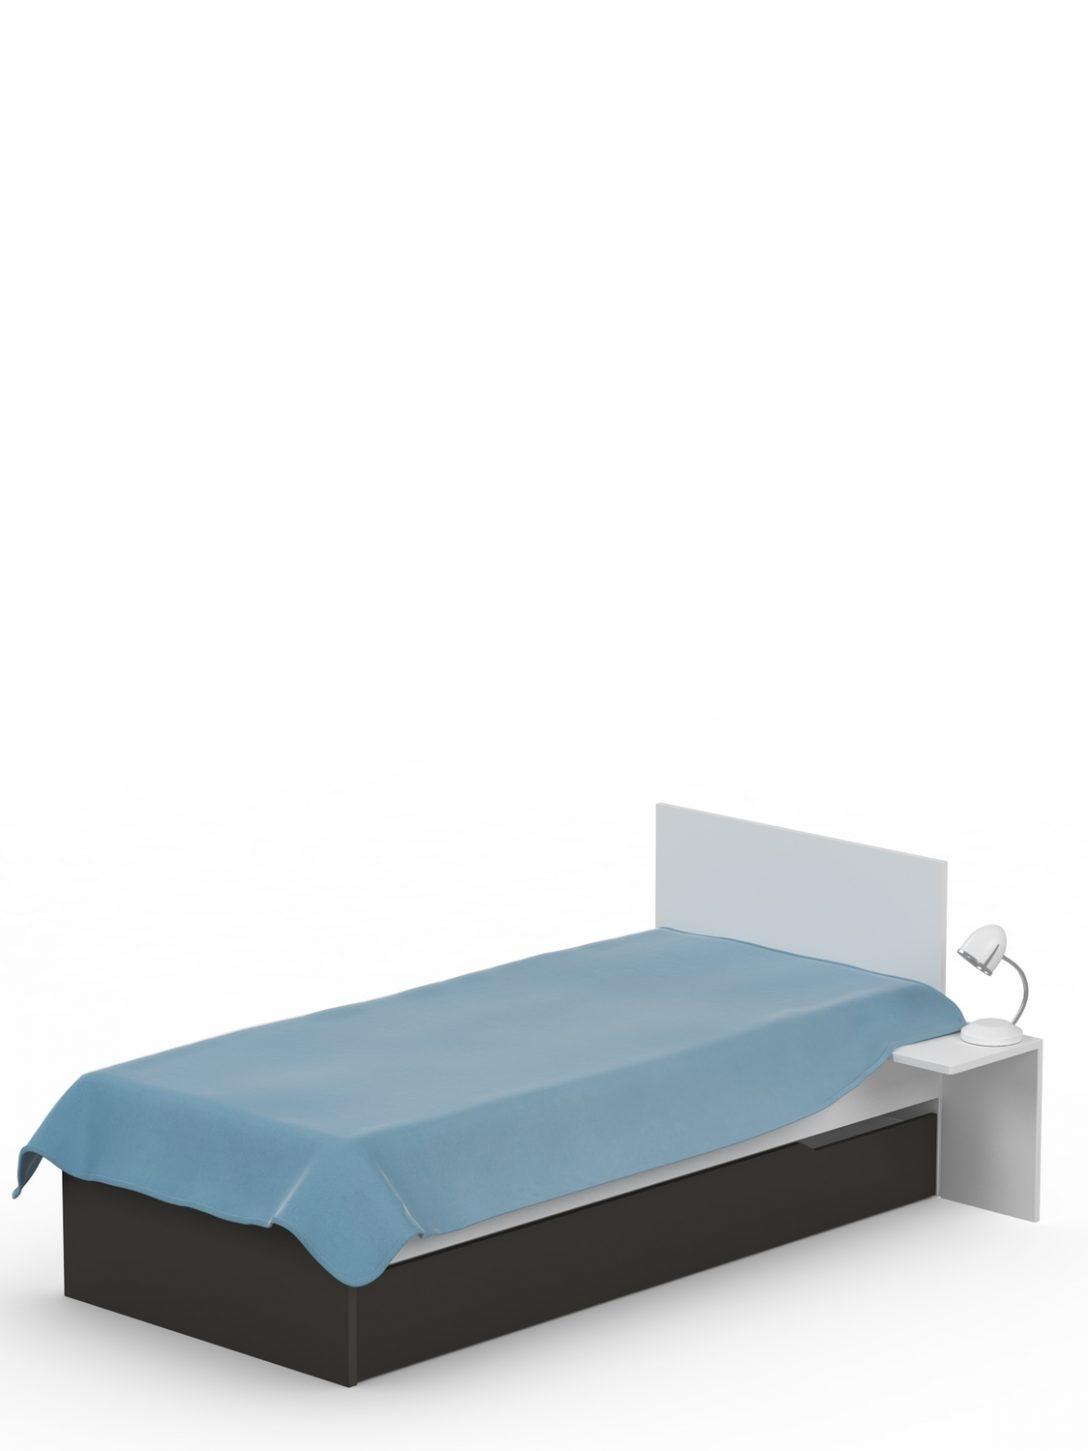 Large Size of Betten 120x200 Bett Uni Dark Meblik Jensen Weiß Ausgefallene Billige überlänge Ruf Preise Amazon 180x200 Fabrikverkauf Outlet Xxl Test Günstig Kaufen Mit Bett Betten 120x200